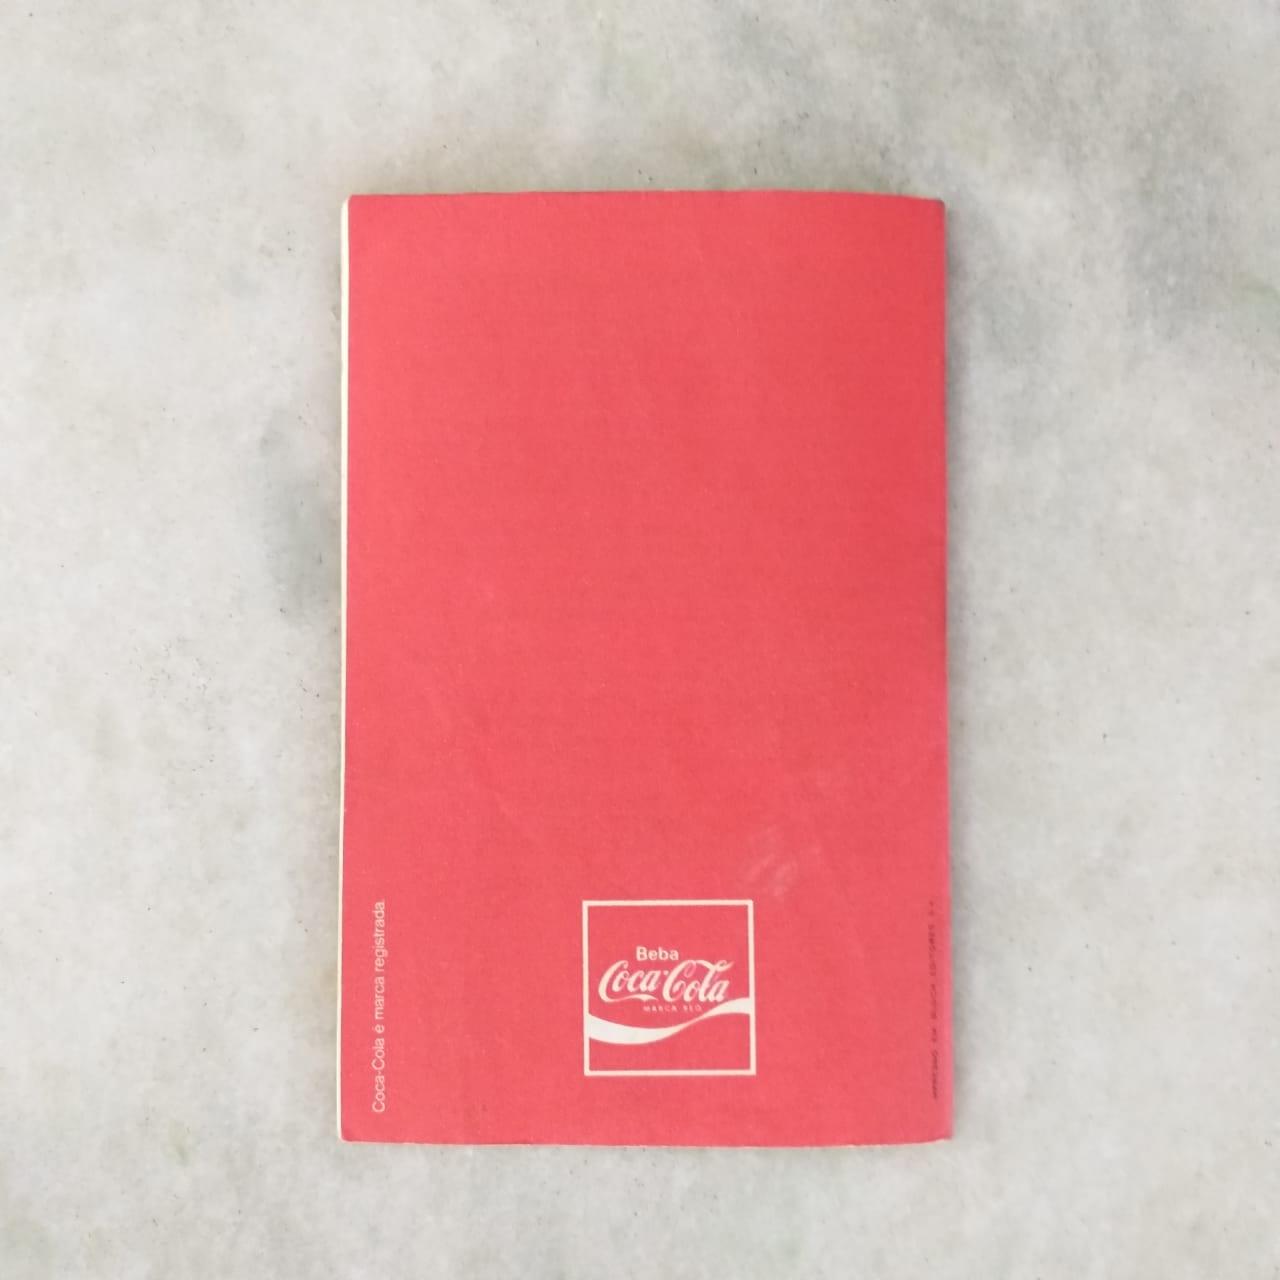 album coca cola 2b Casa do Colecionador